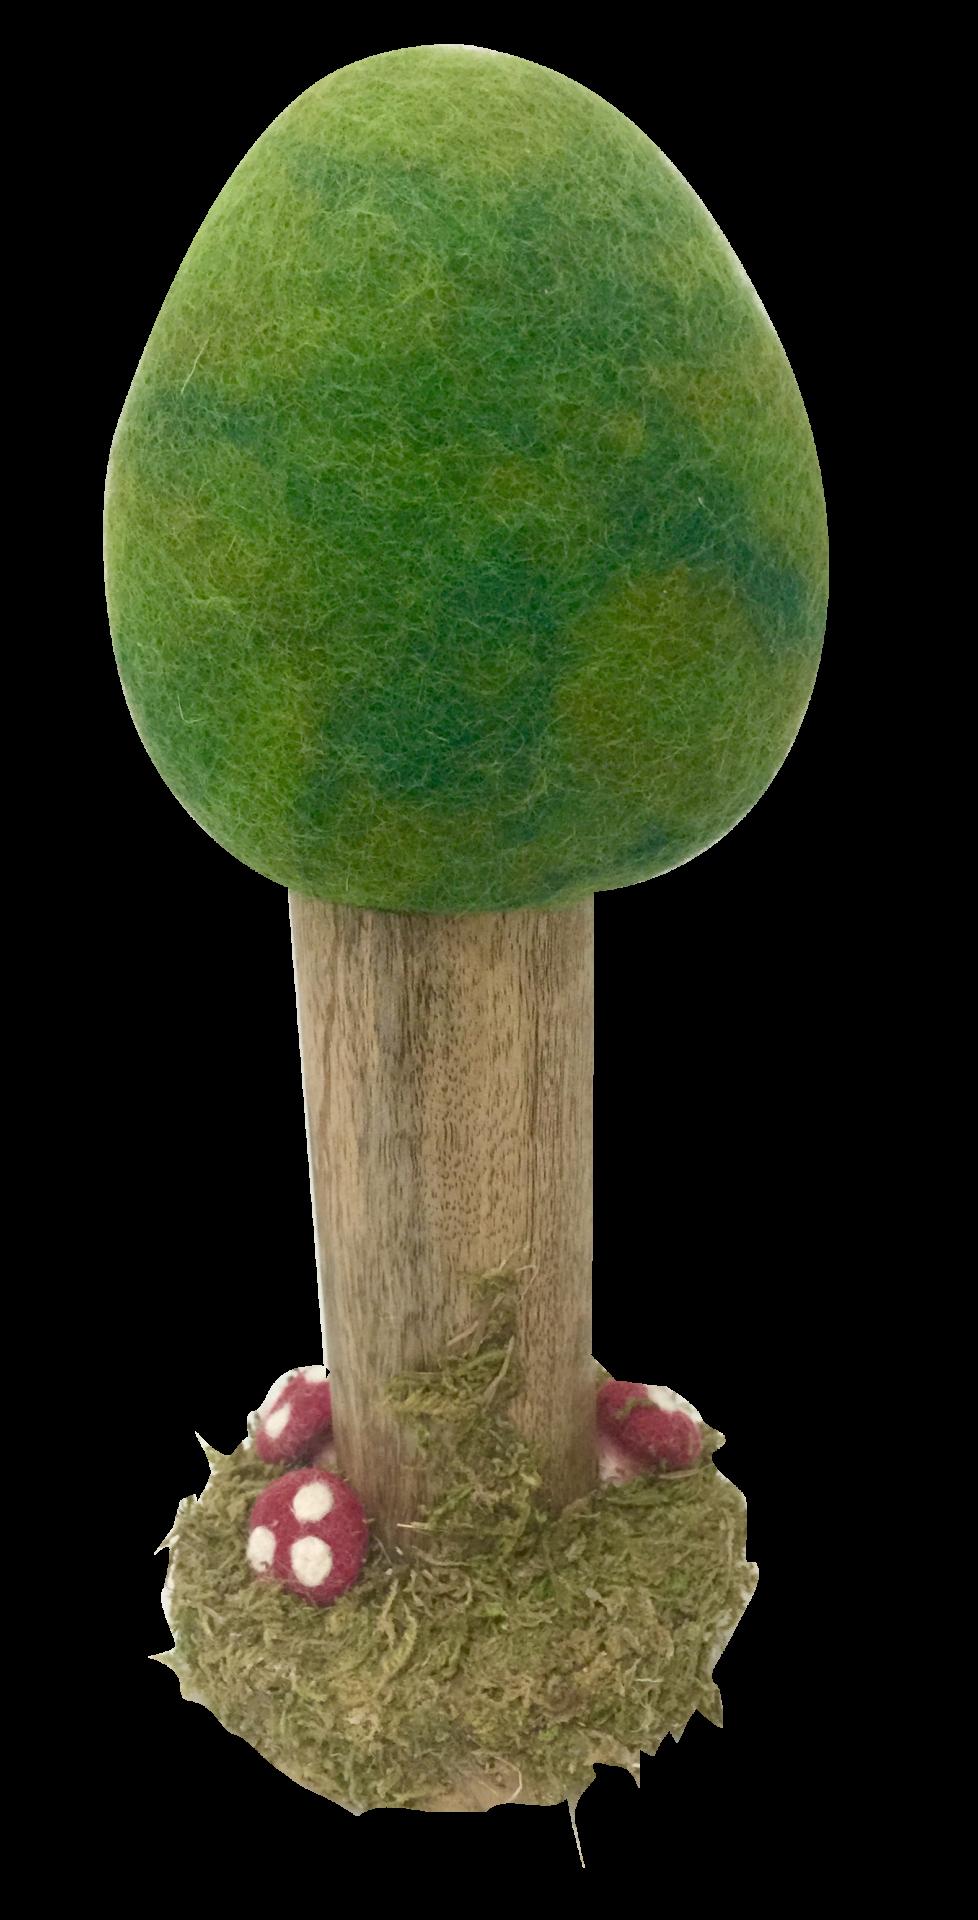 Árvore Grande Verão com base - Papoose